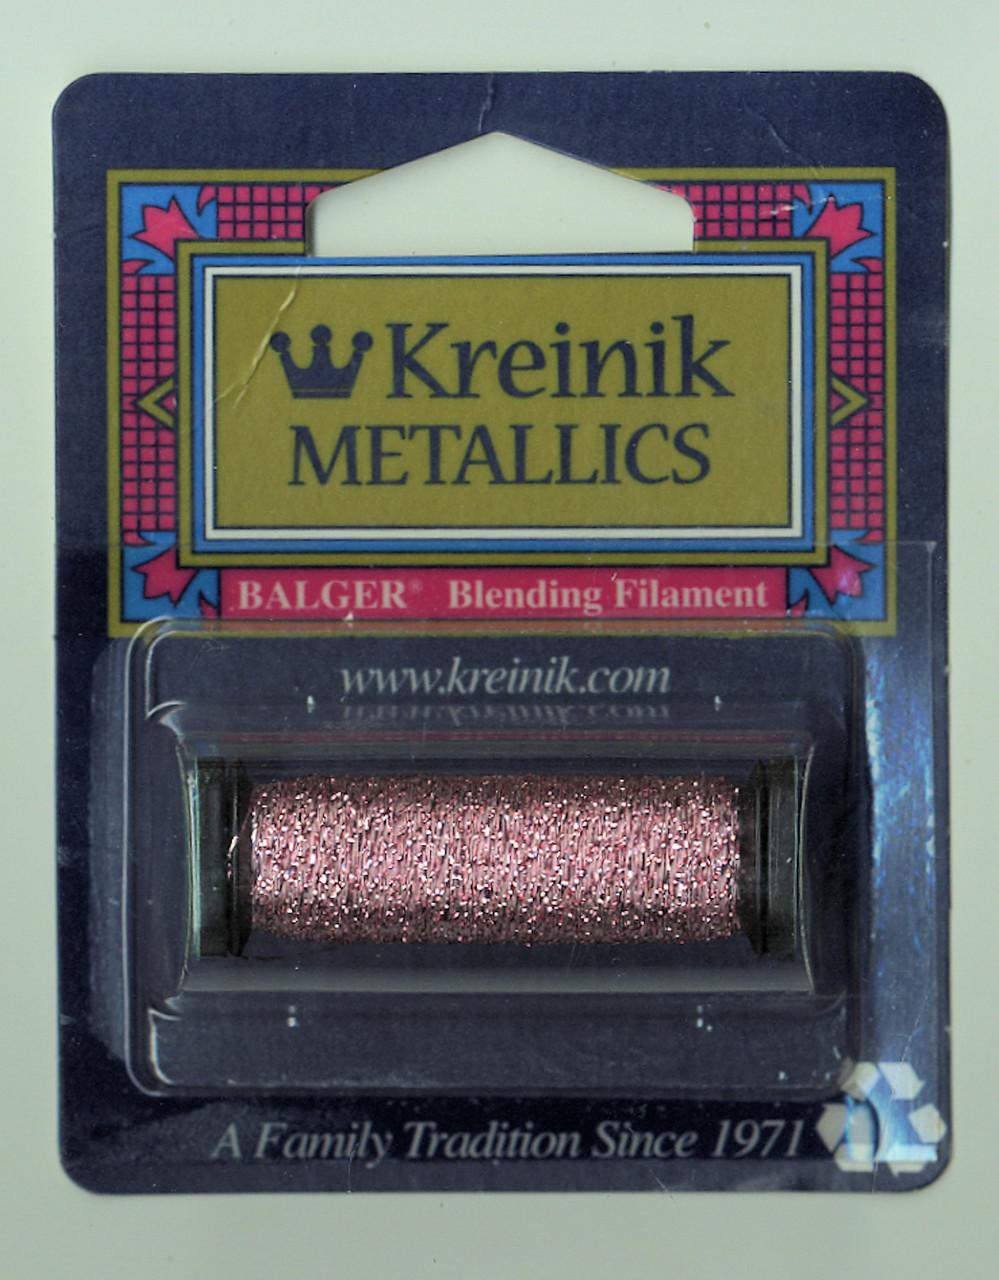 Kreinik Metallics Blending Filament - Pink 007